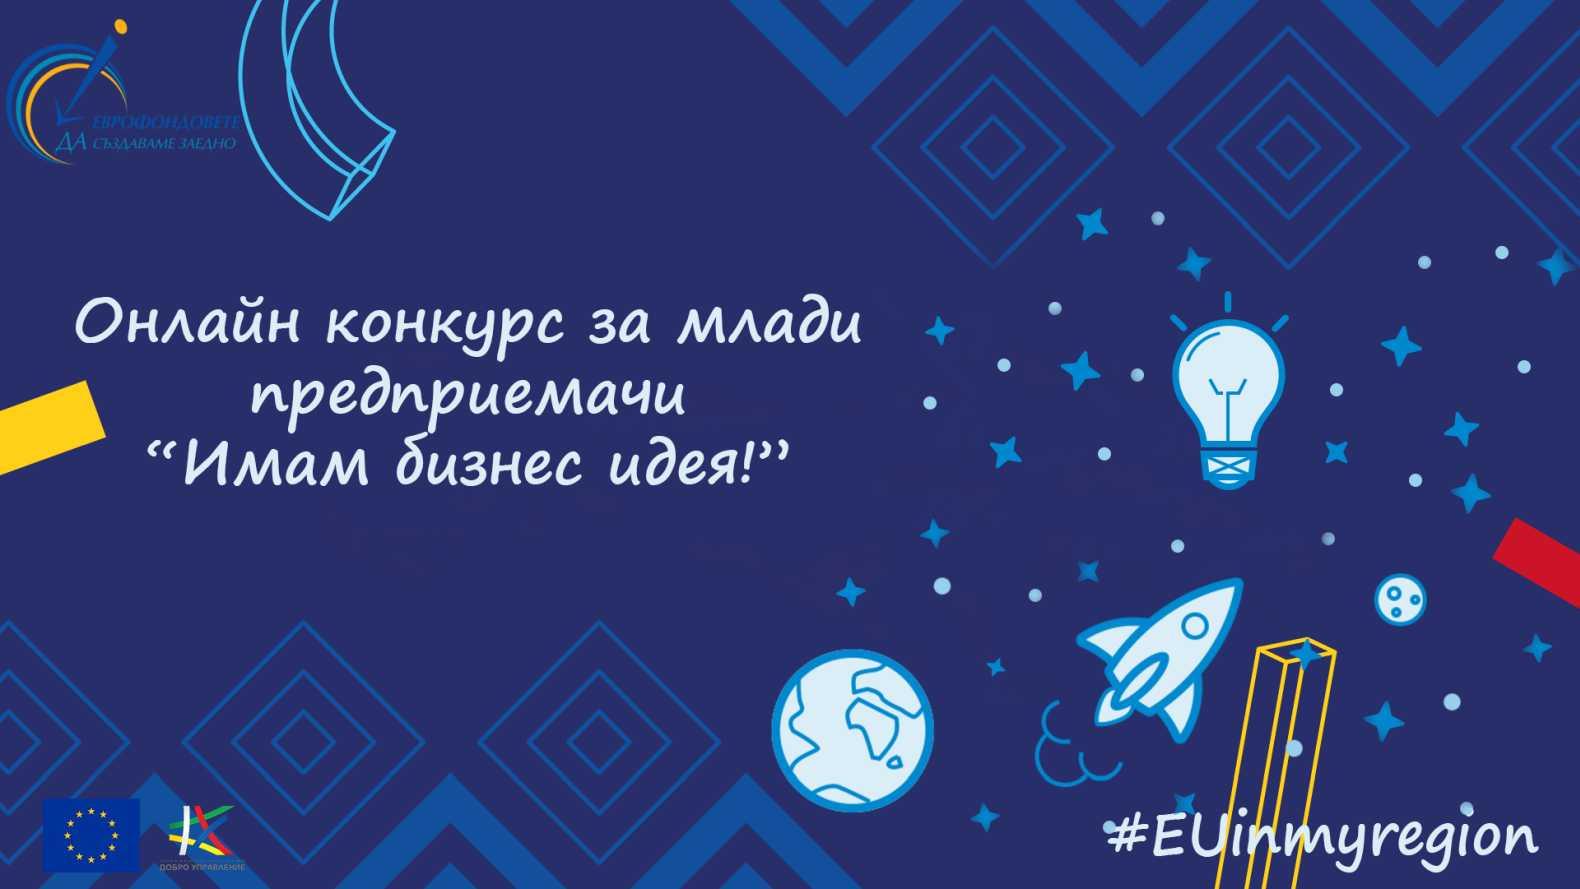 """ОИЦ – Пазарджик обявавя началото на онлайн конкурс """"Имам бизнес идея!""""- Област Пазарджик"""